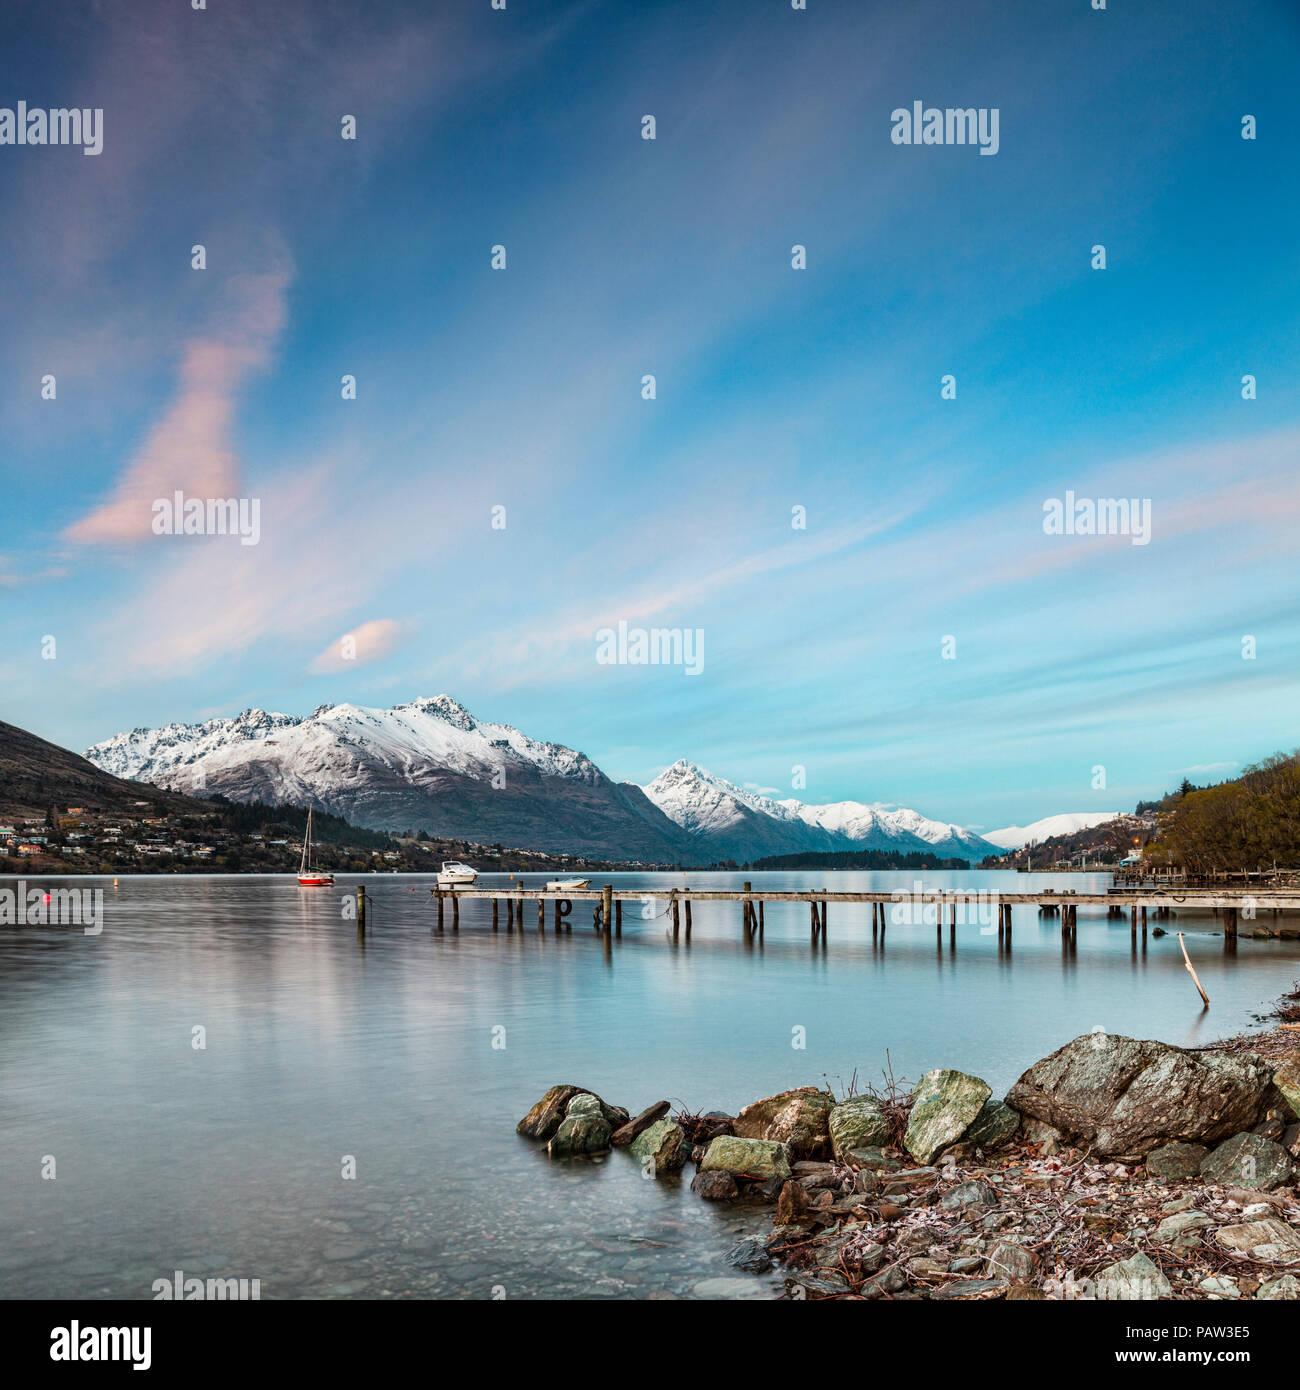 Il lago di Wakatipu Queenstown Nuova Zelanda Immagini Stock